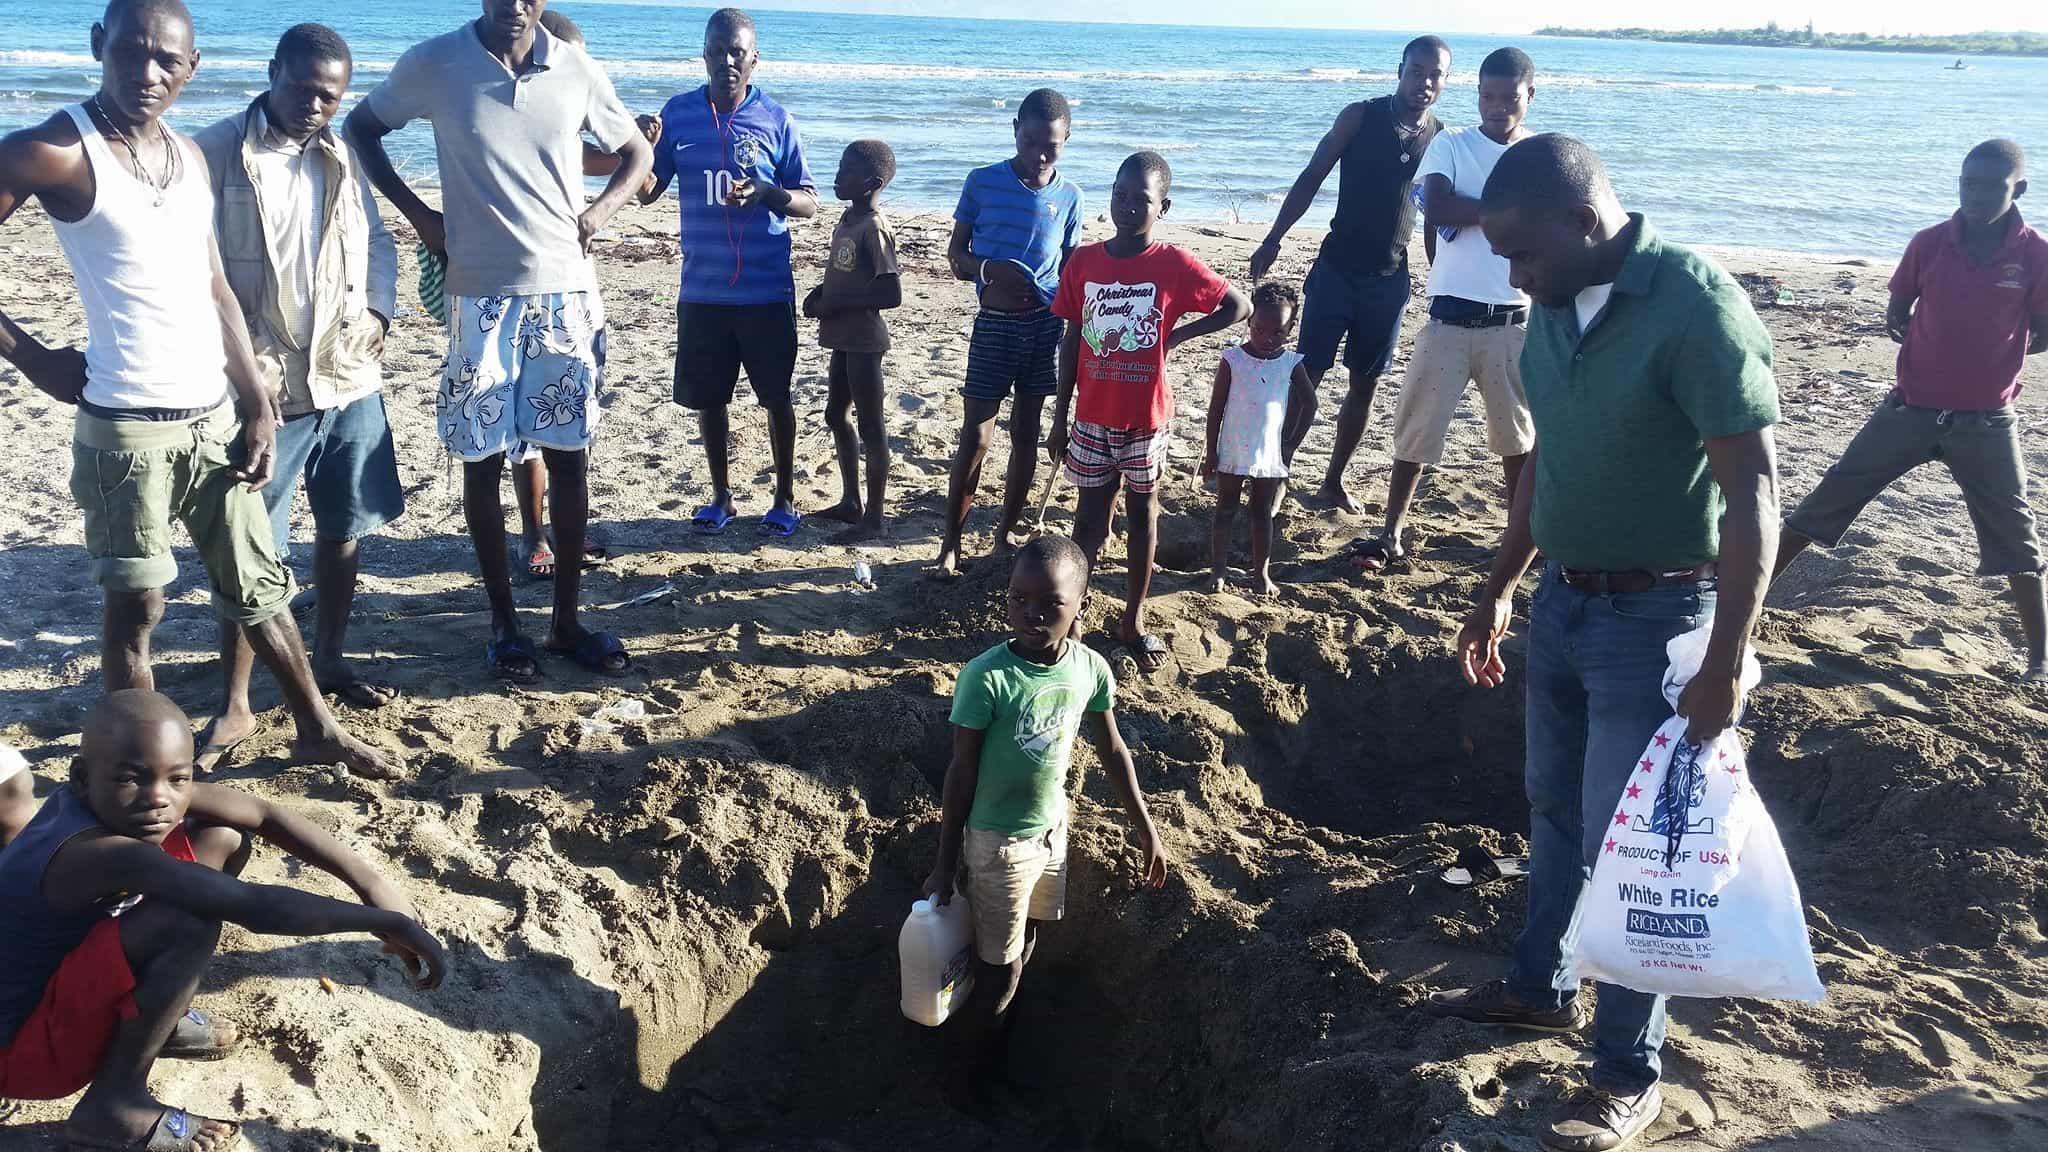 Un enfant a trouvé un trou d'eau dégageant une forte odeur de pétrole à Haut-Fourneau, Port-de-Paix.